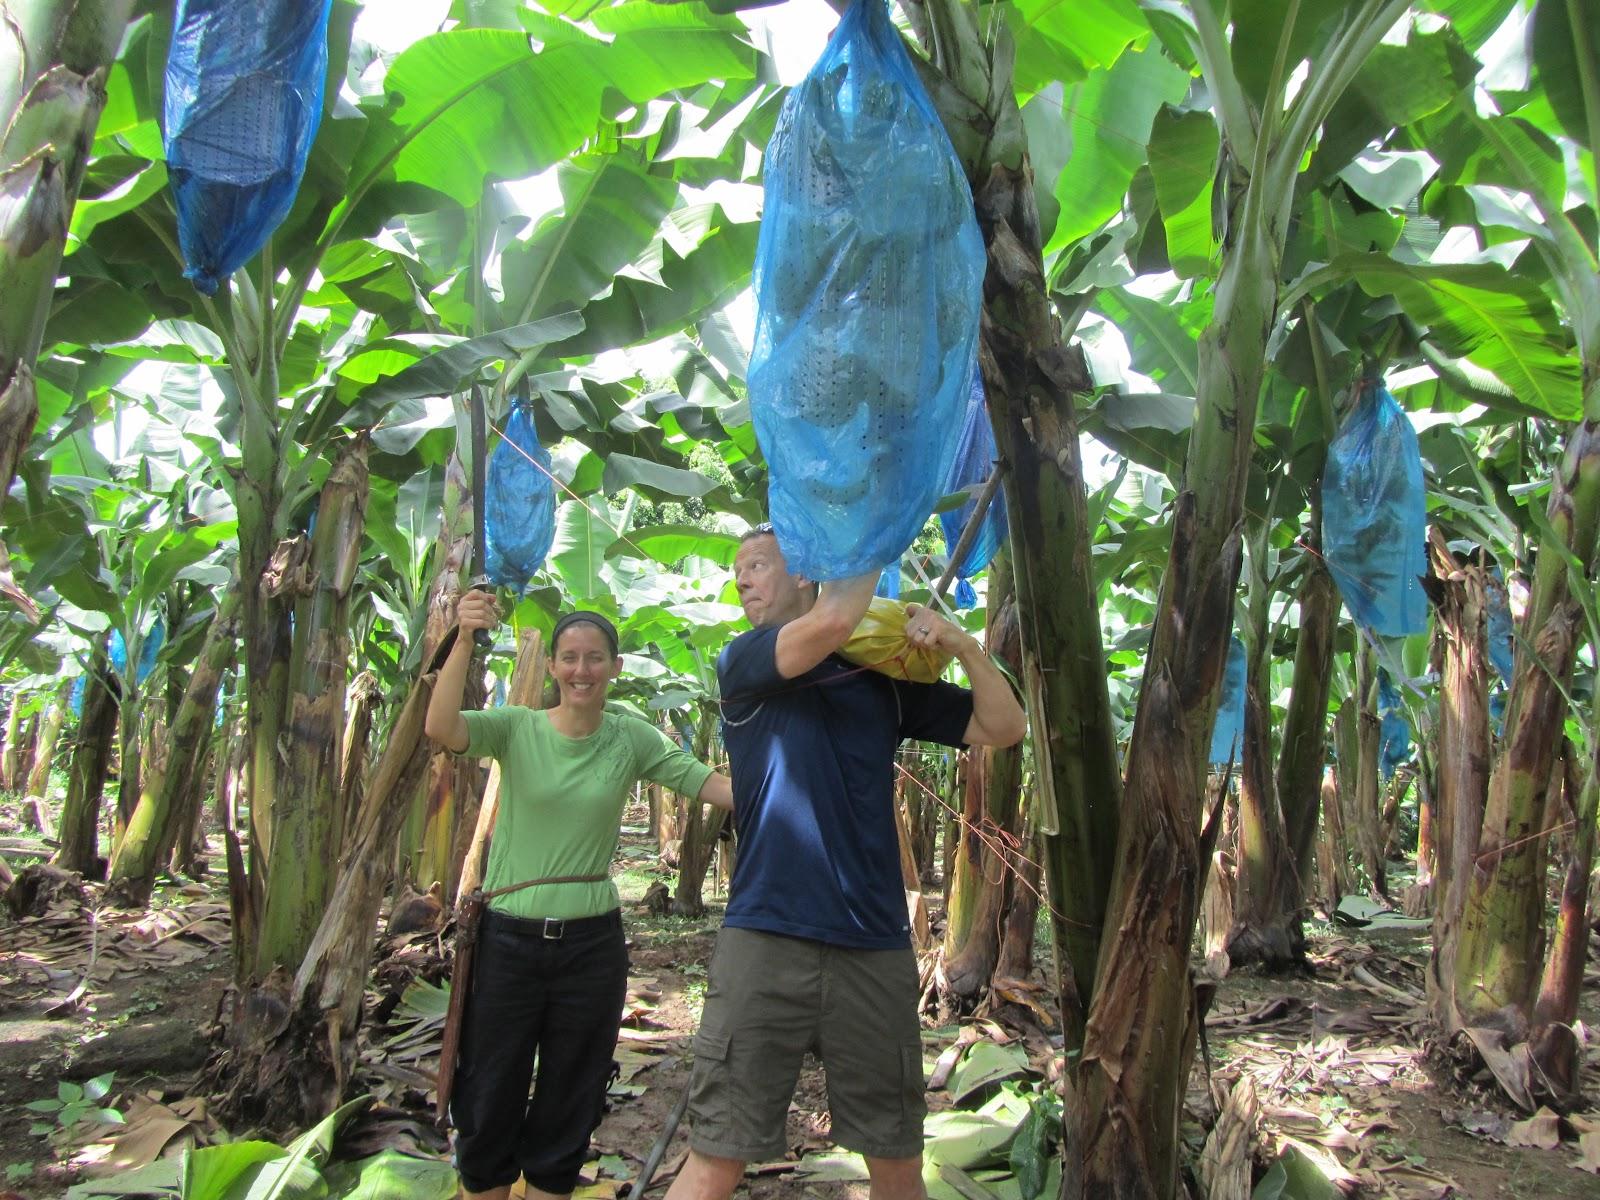 dole eko banana plantage